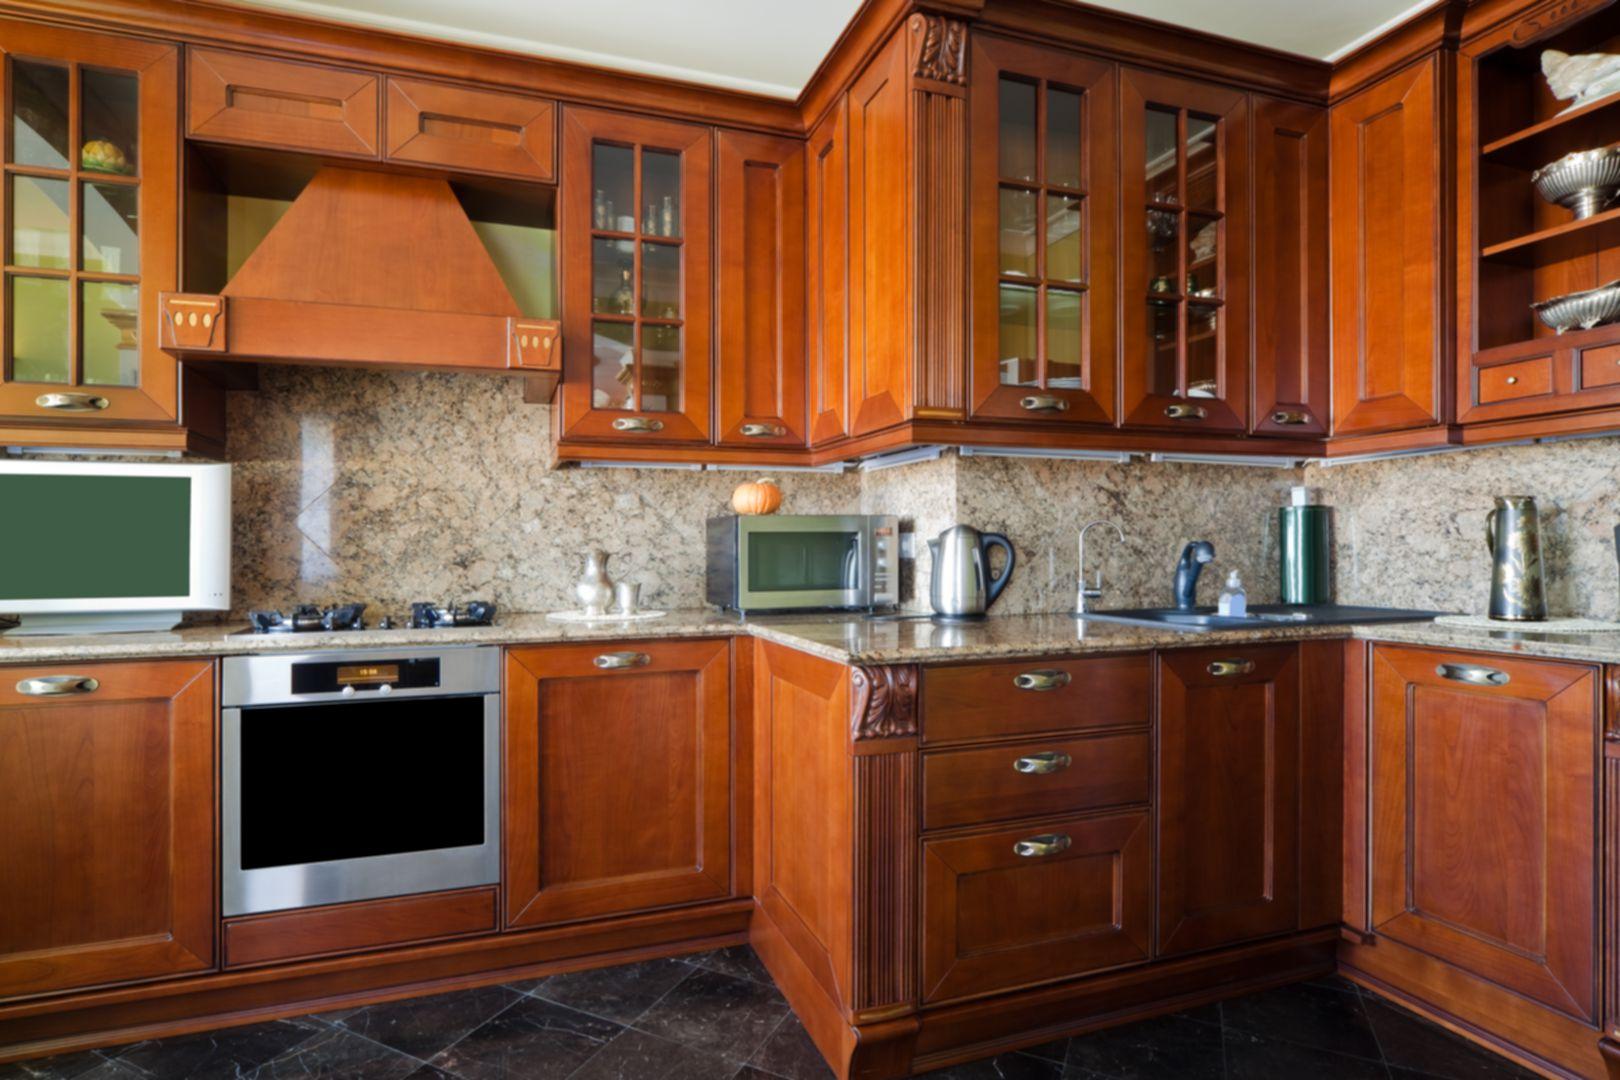 Naples Ktchen Cabinetry